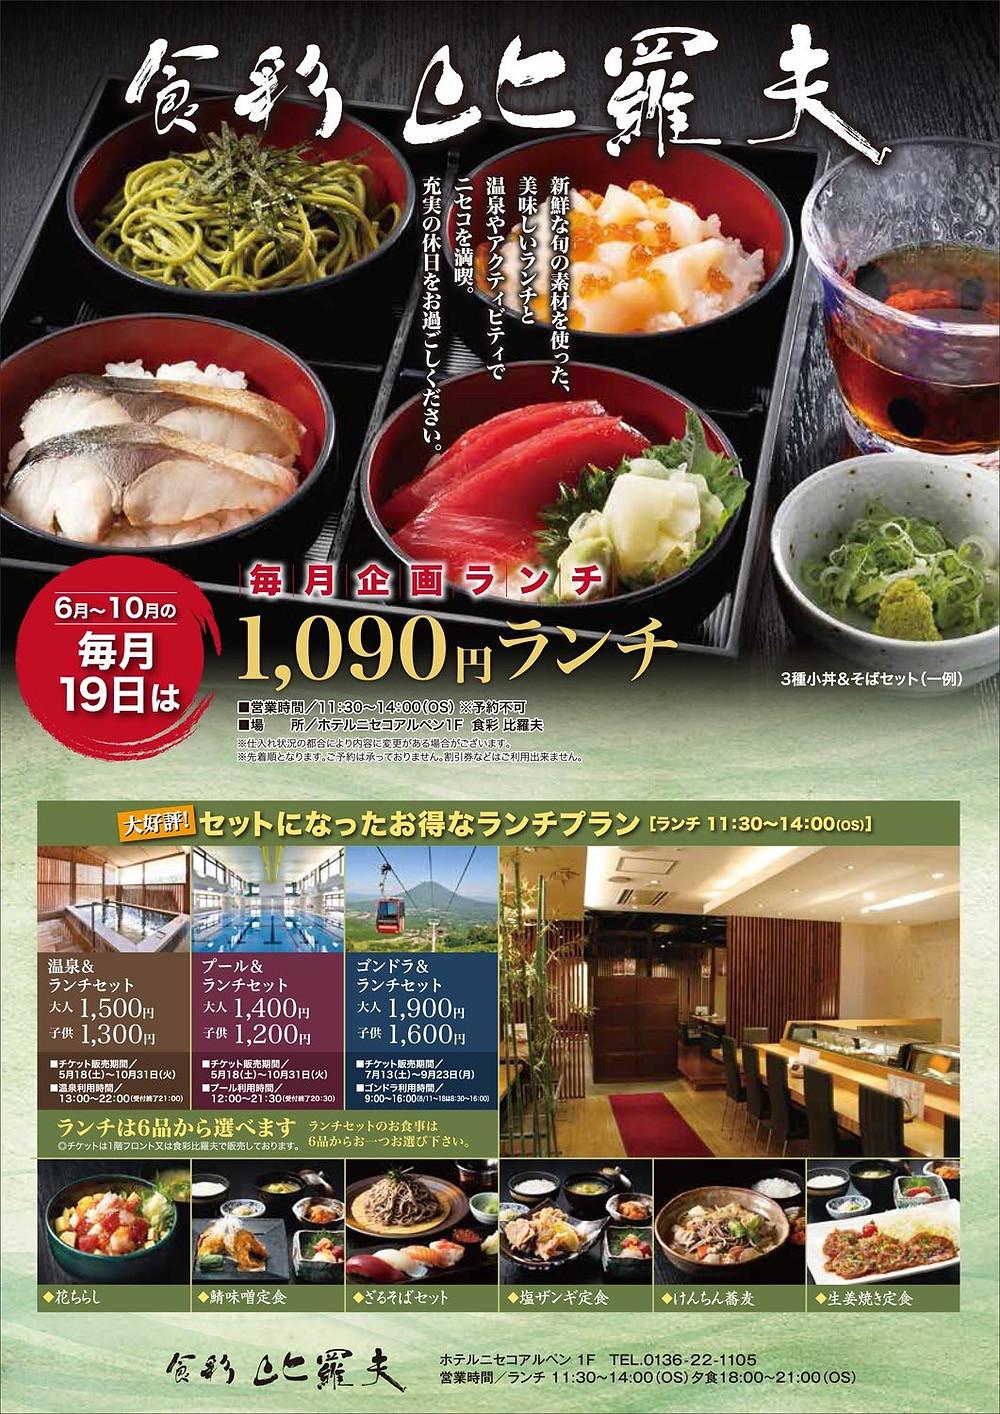 Niseko Grand Hirafu Alpen Hotel